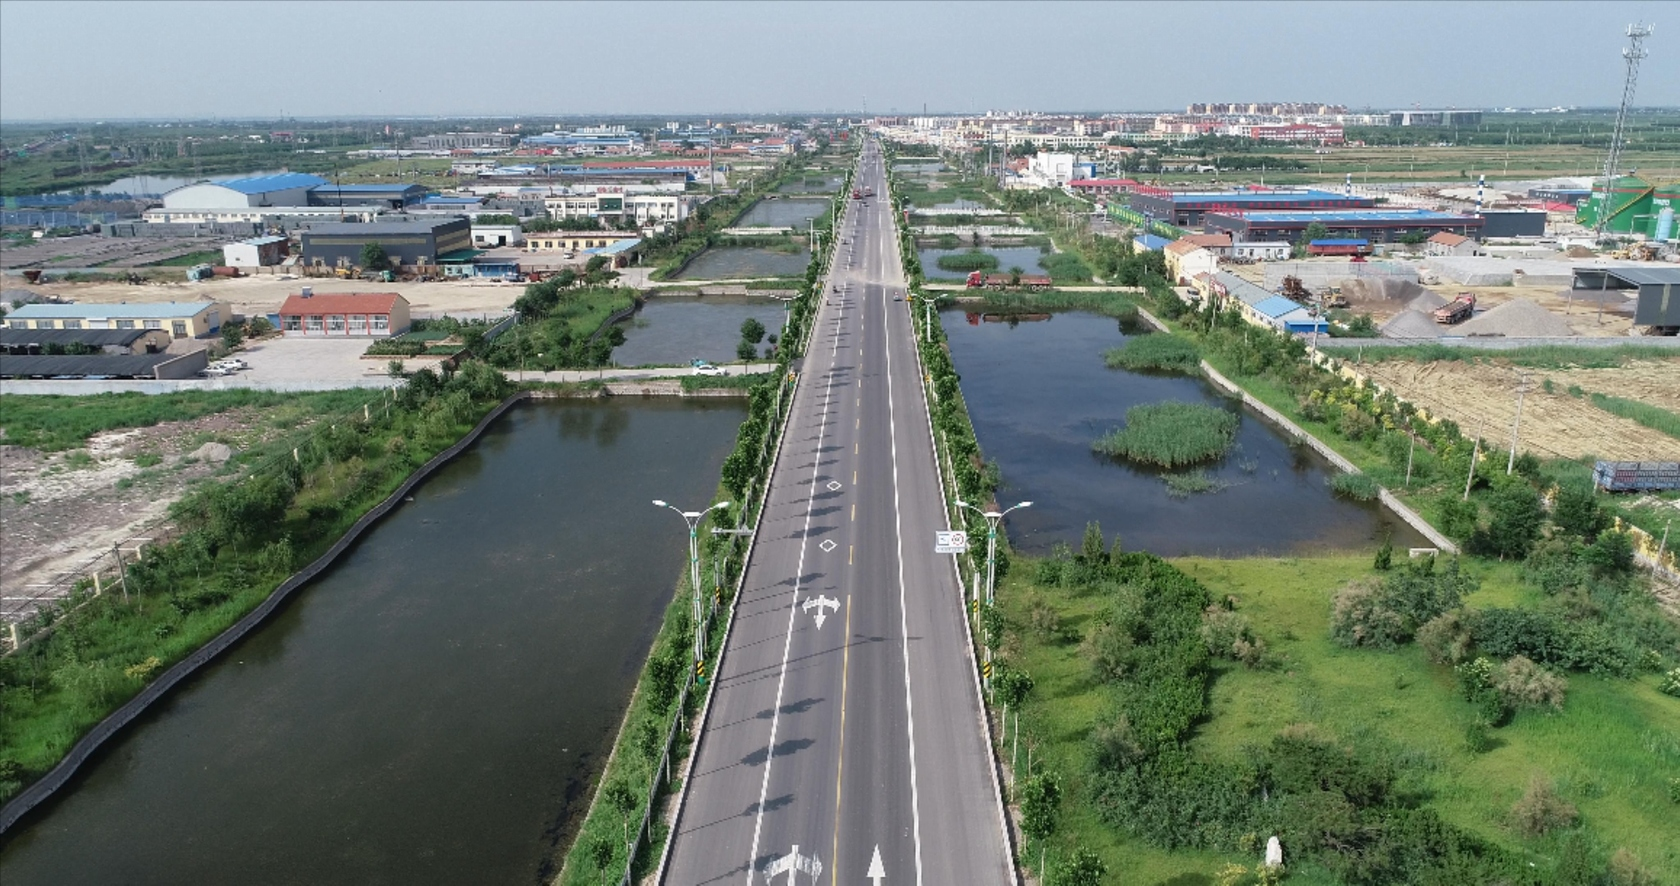 集团公司所属鲁东路桥G516沾青线大修工程通过交工验收并顺利通车